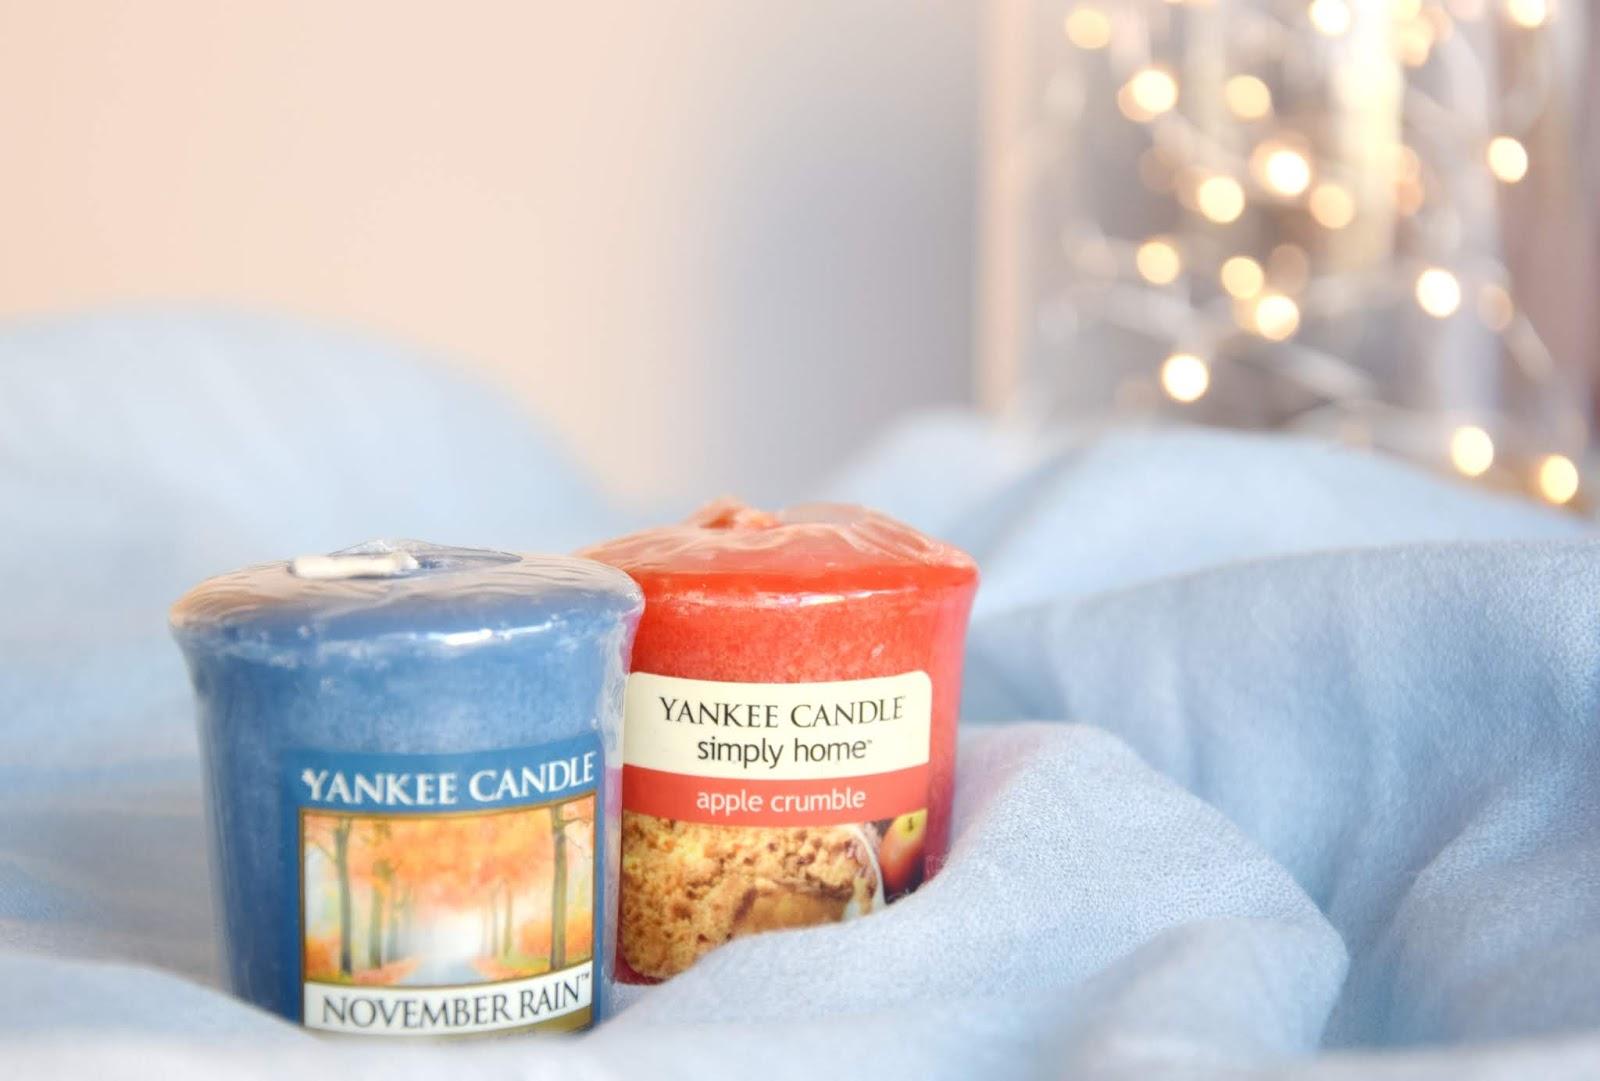 Ciasta, owoce i mężczyźni. Najlepsze zapachy Yankee Candle na jesień.